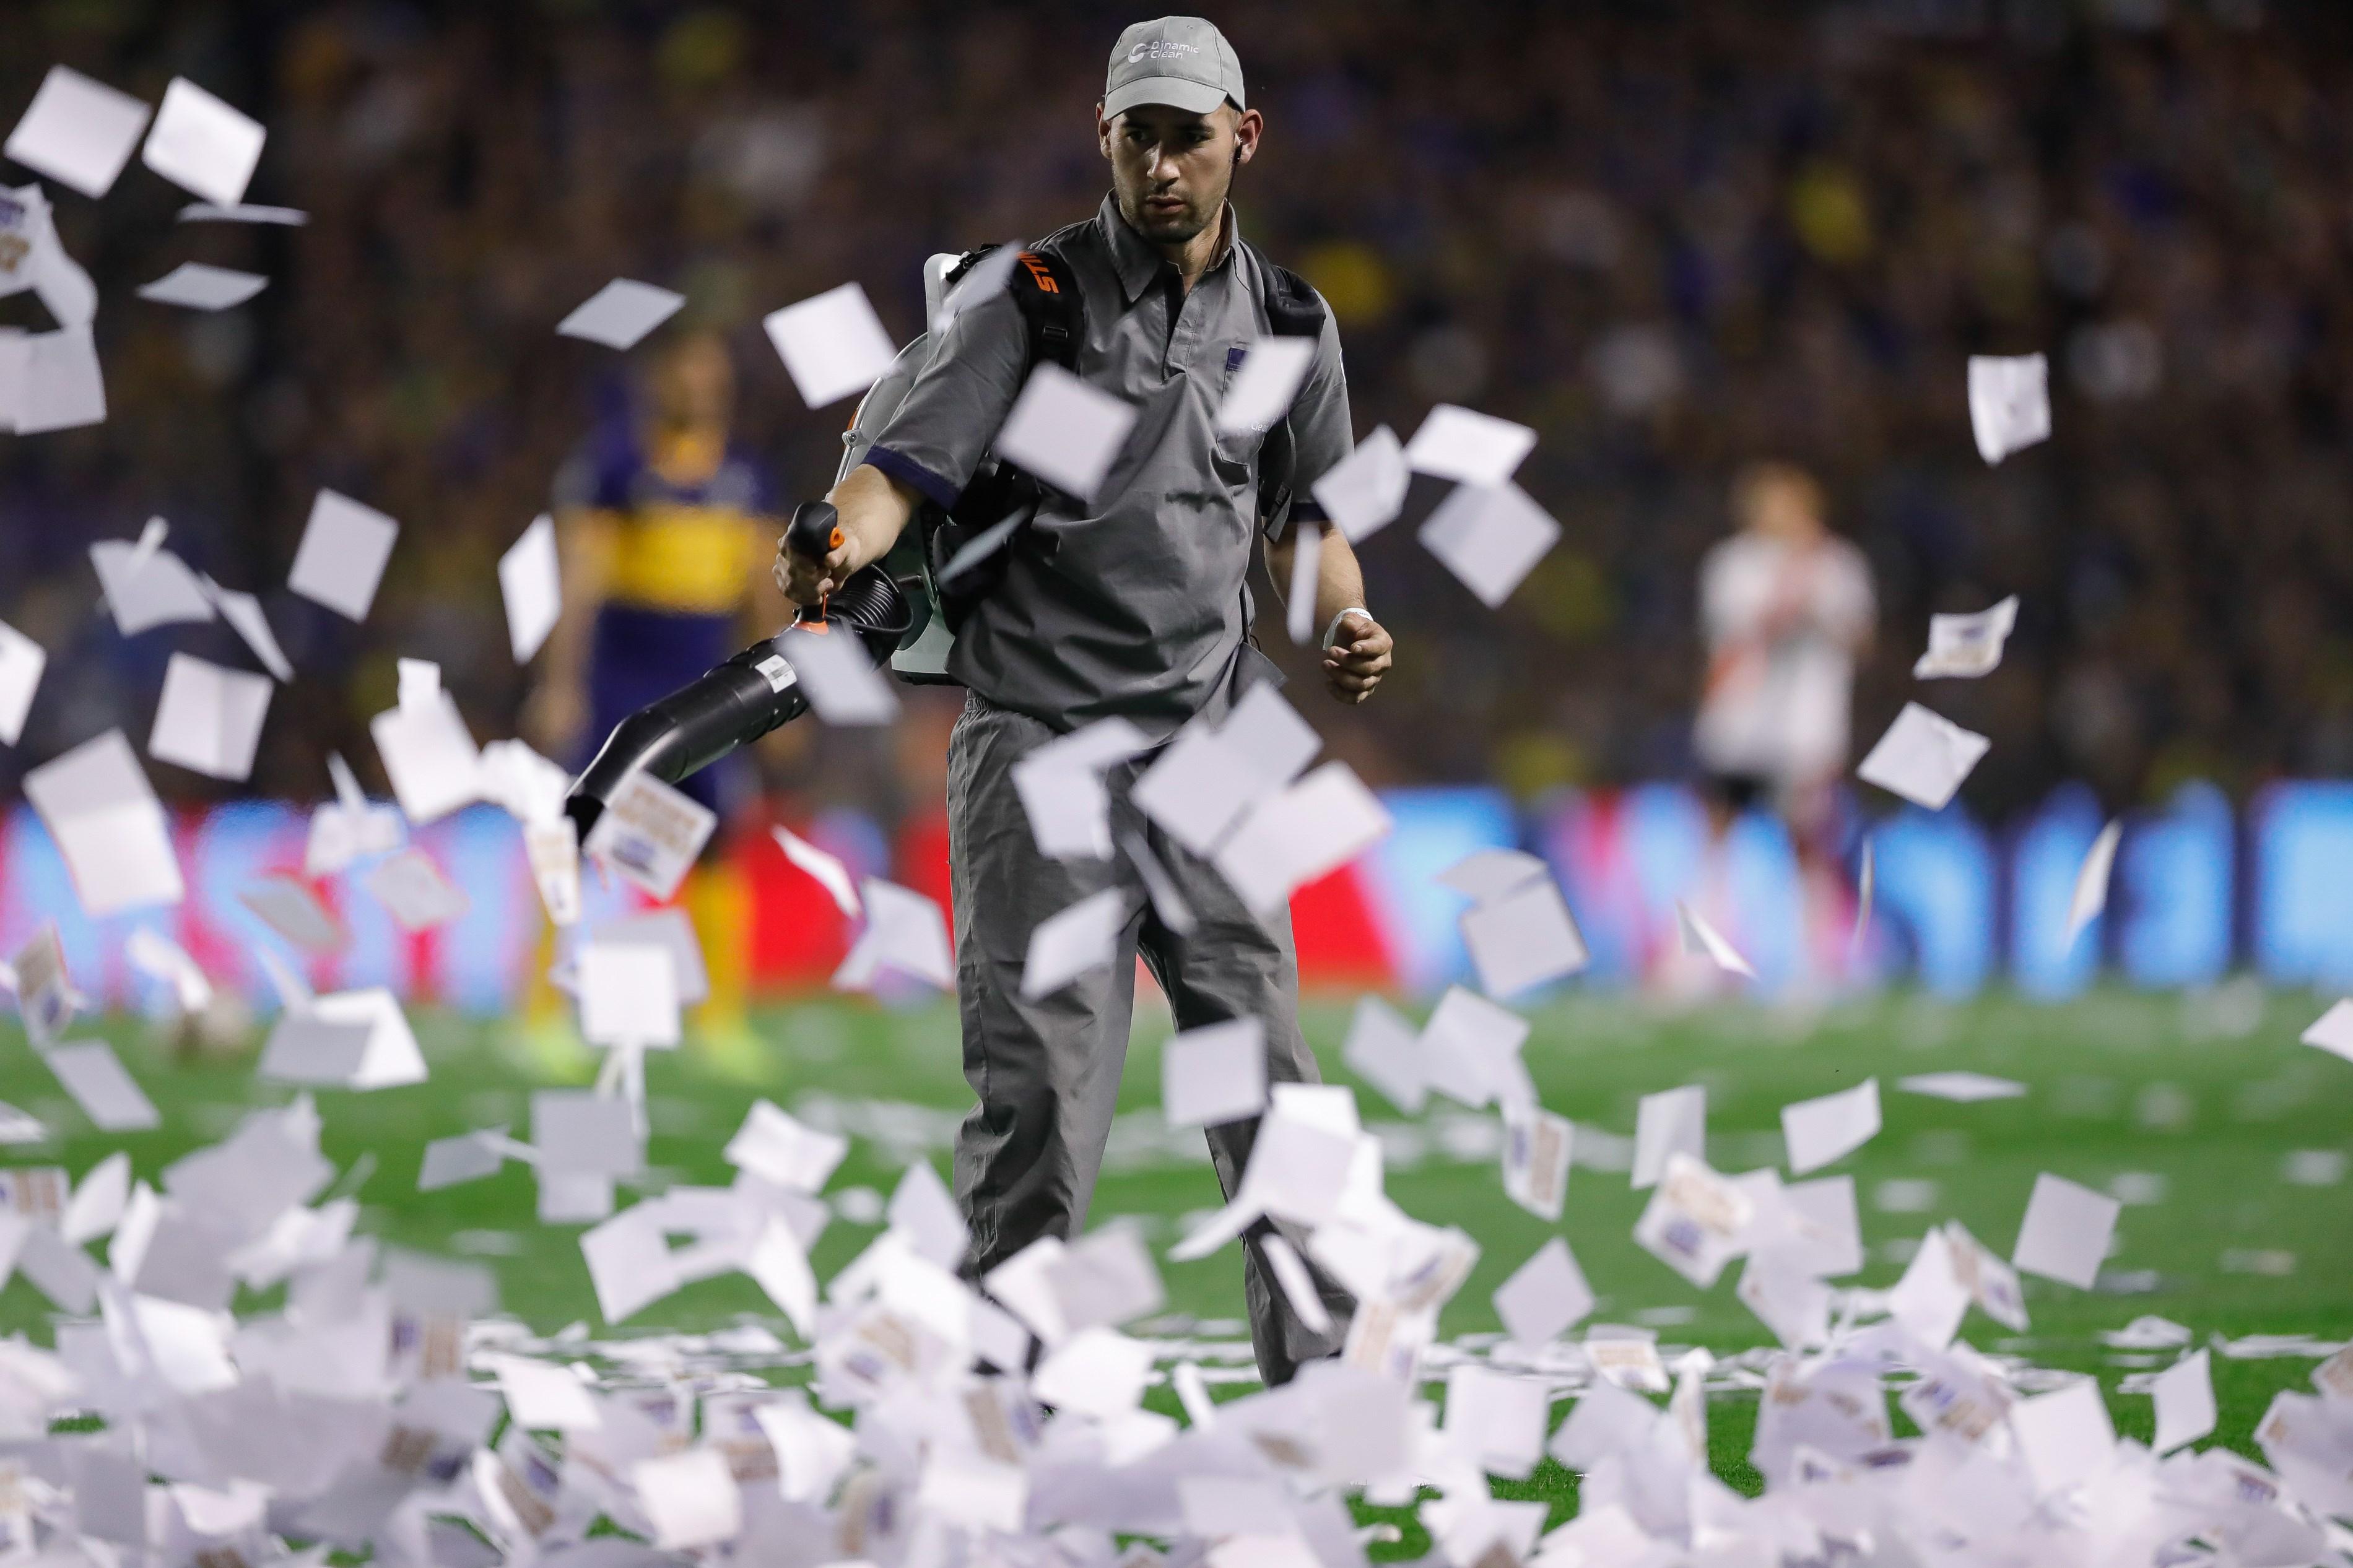 El inicio del partido se demoró más de 15 minutos por la cantidad de papelitos dentro del campo de juego